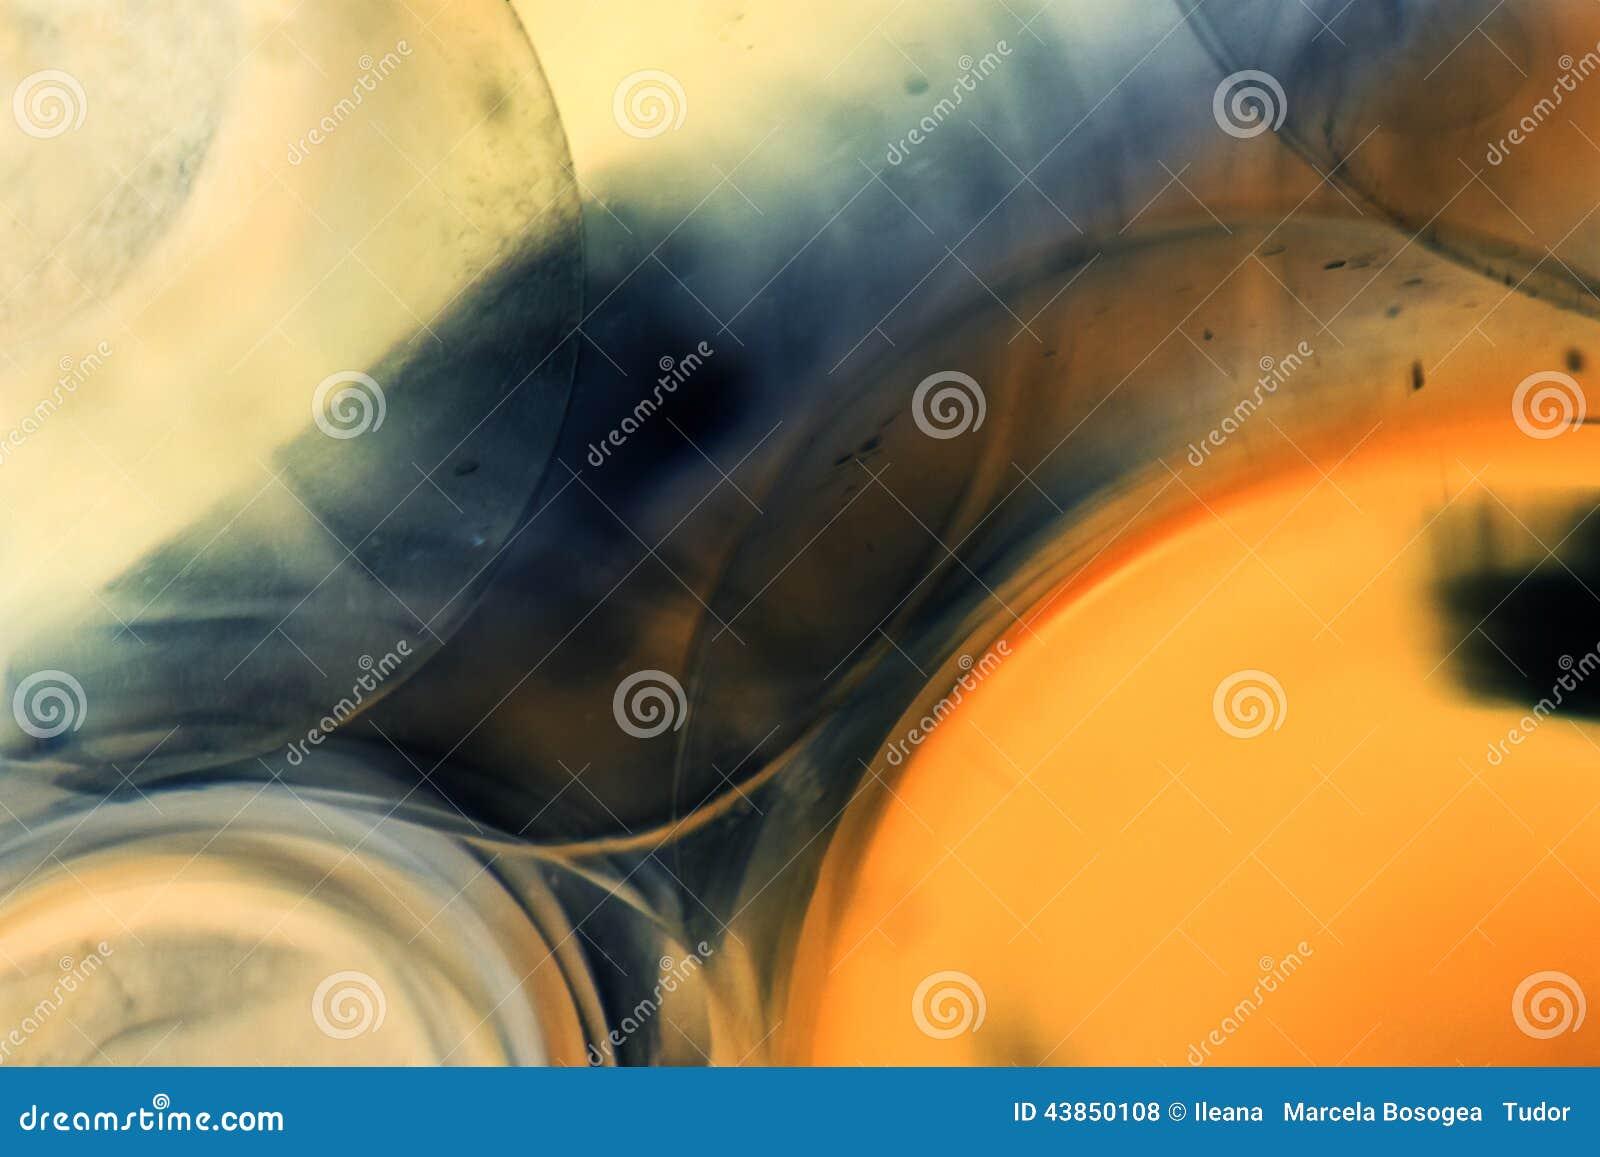 Juegos subacuáticos abstractos con las bolas, las burbujas y la luz de la jalea